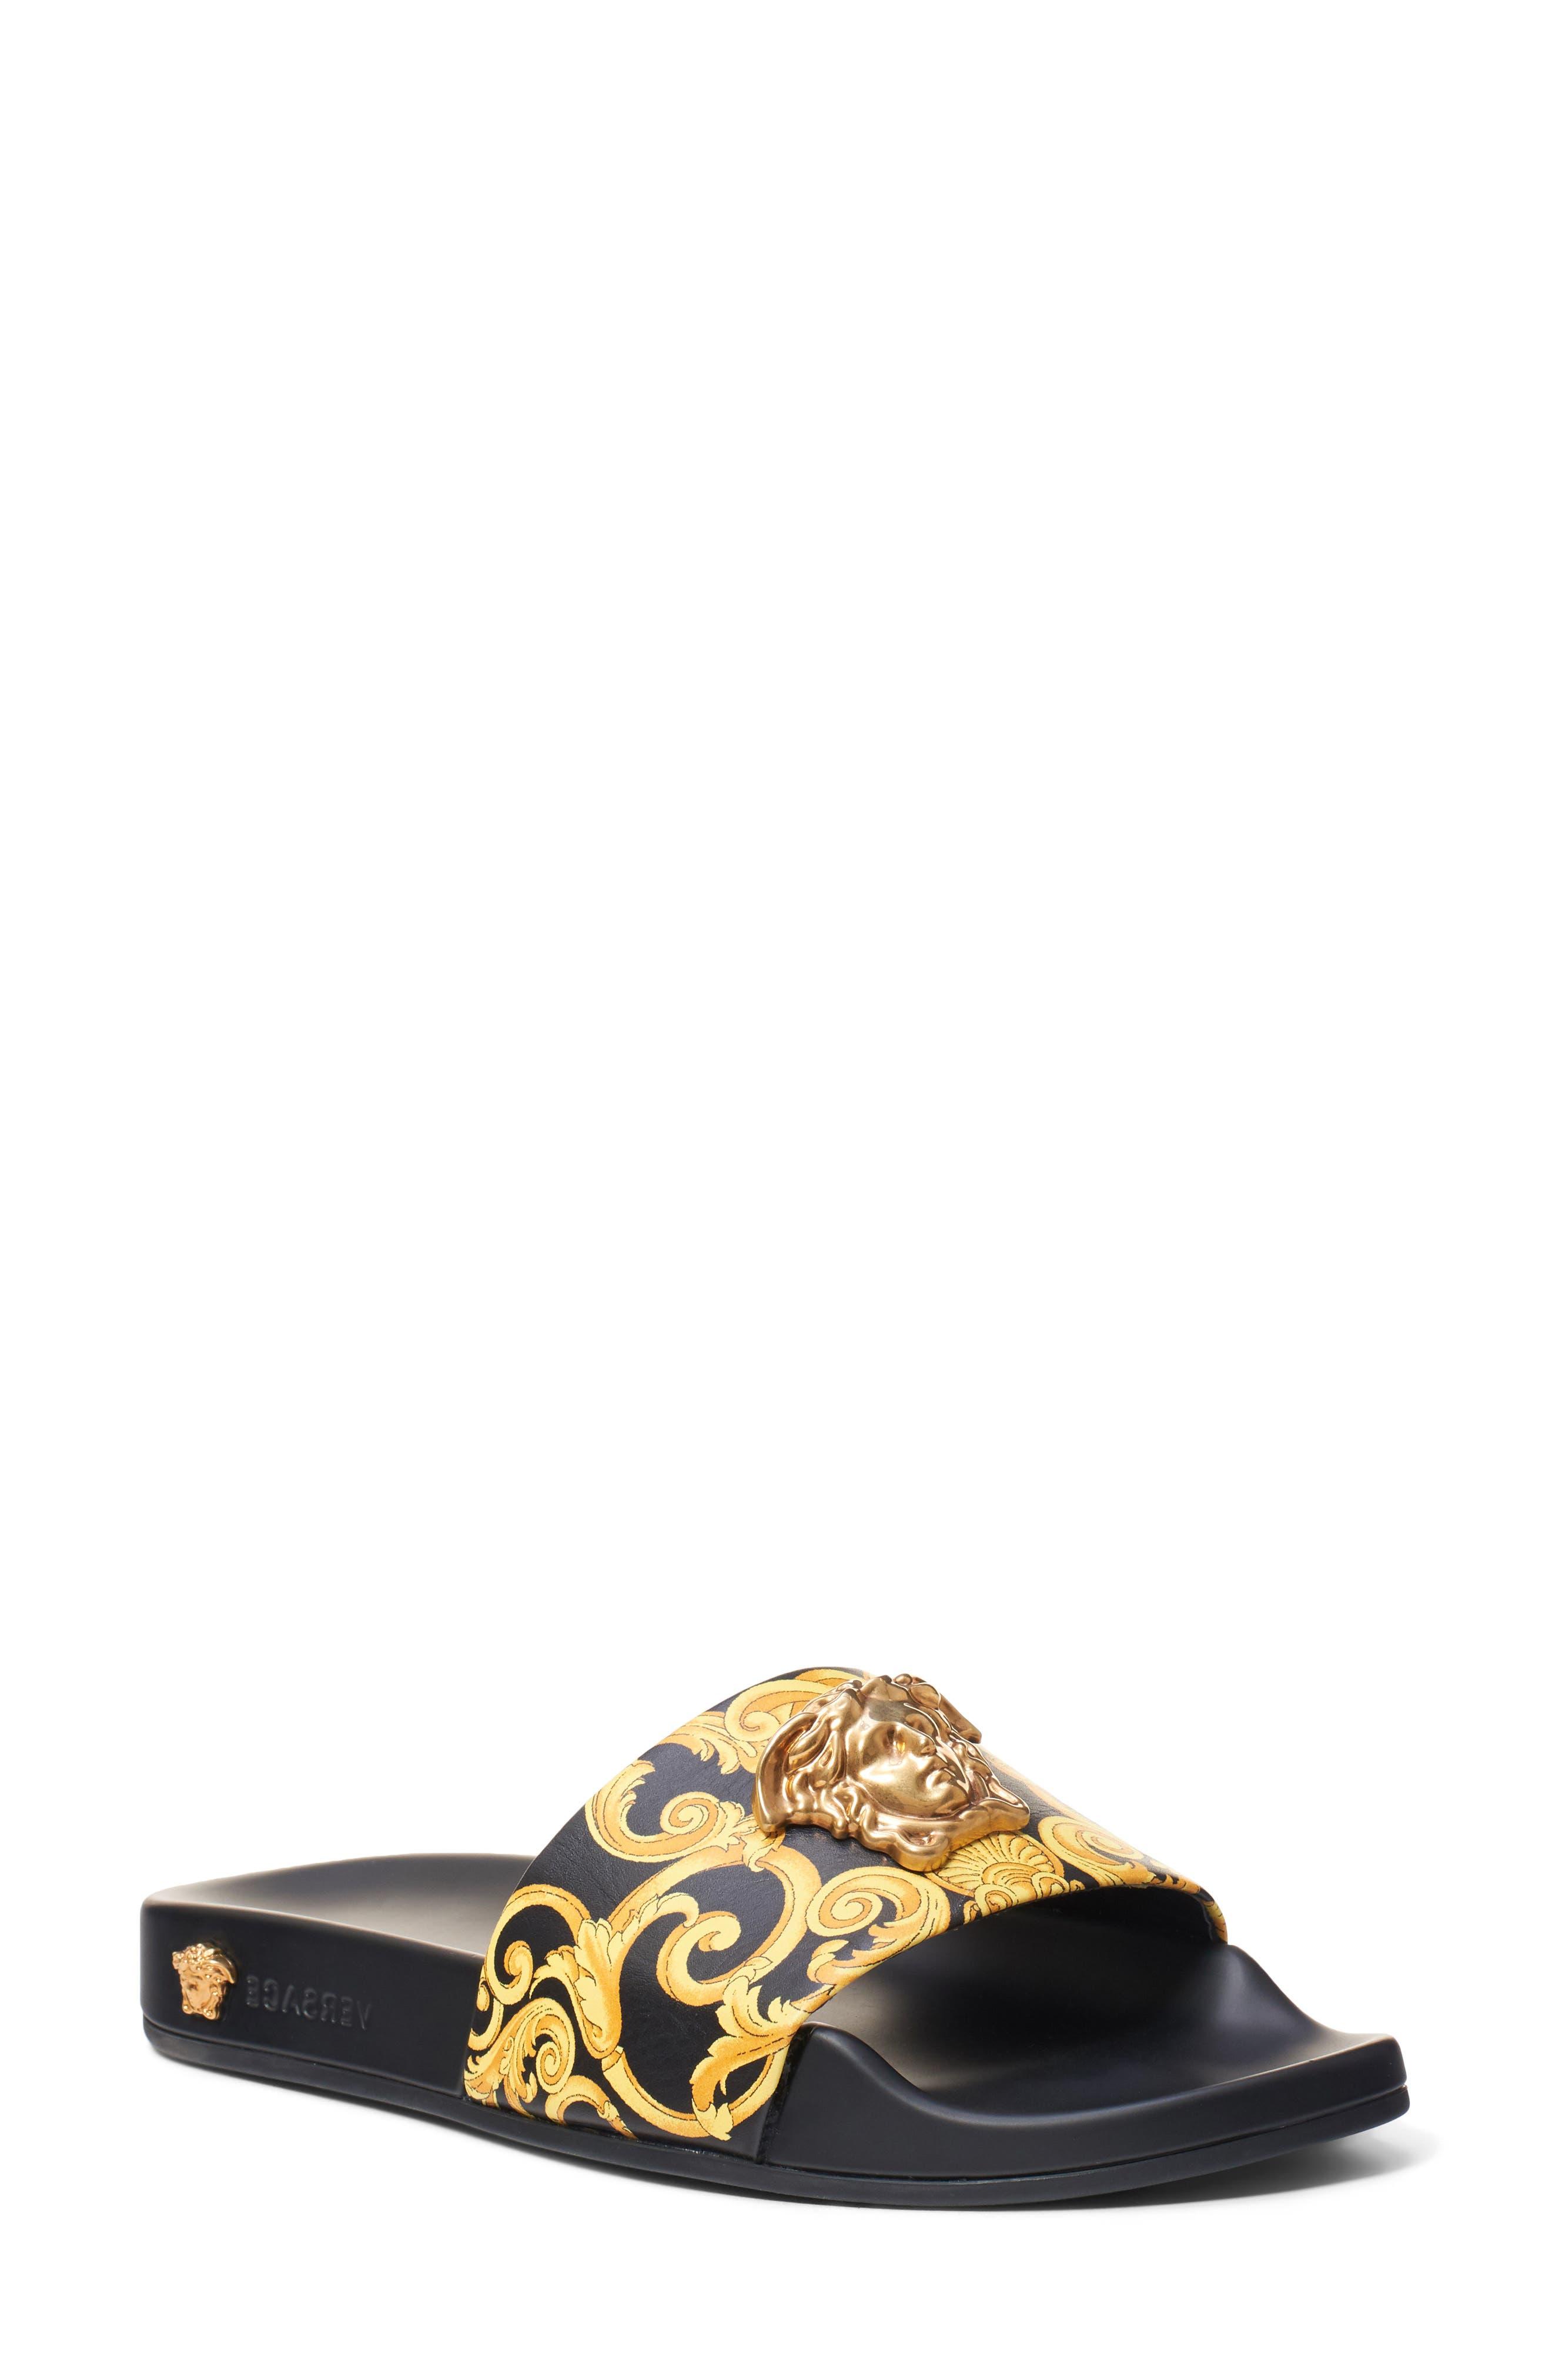 versace sandals, OFF 77%,Buy!